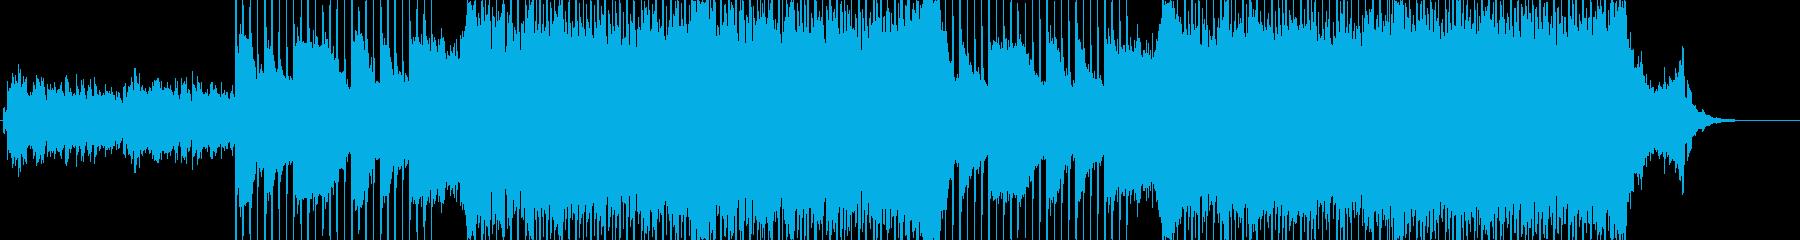 企業VP向け、爽やかポップ4つ打ち16aの再生済みの波形